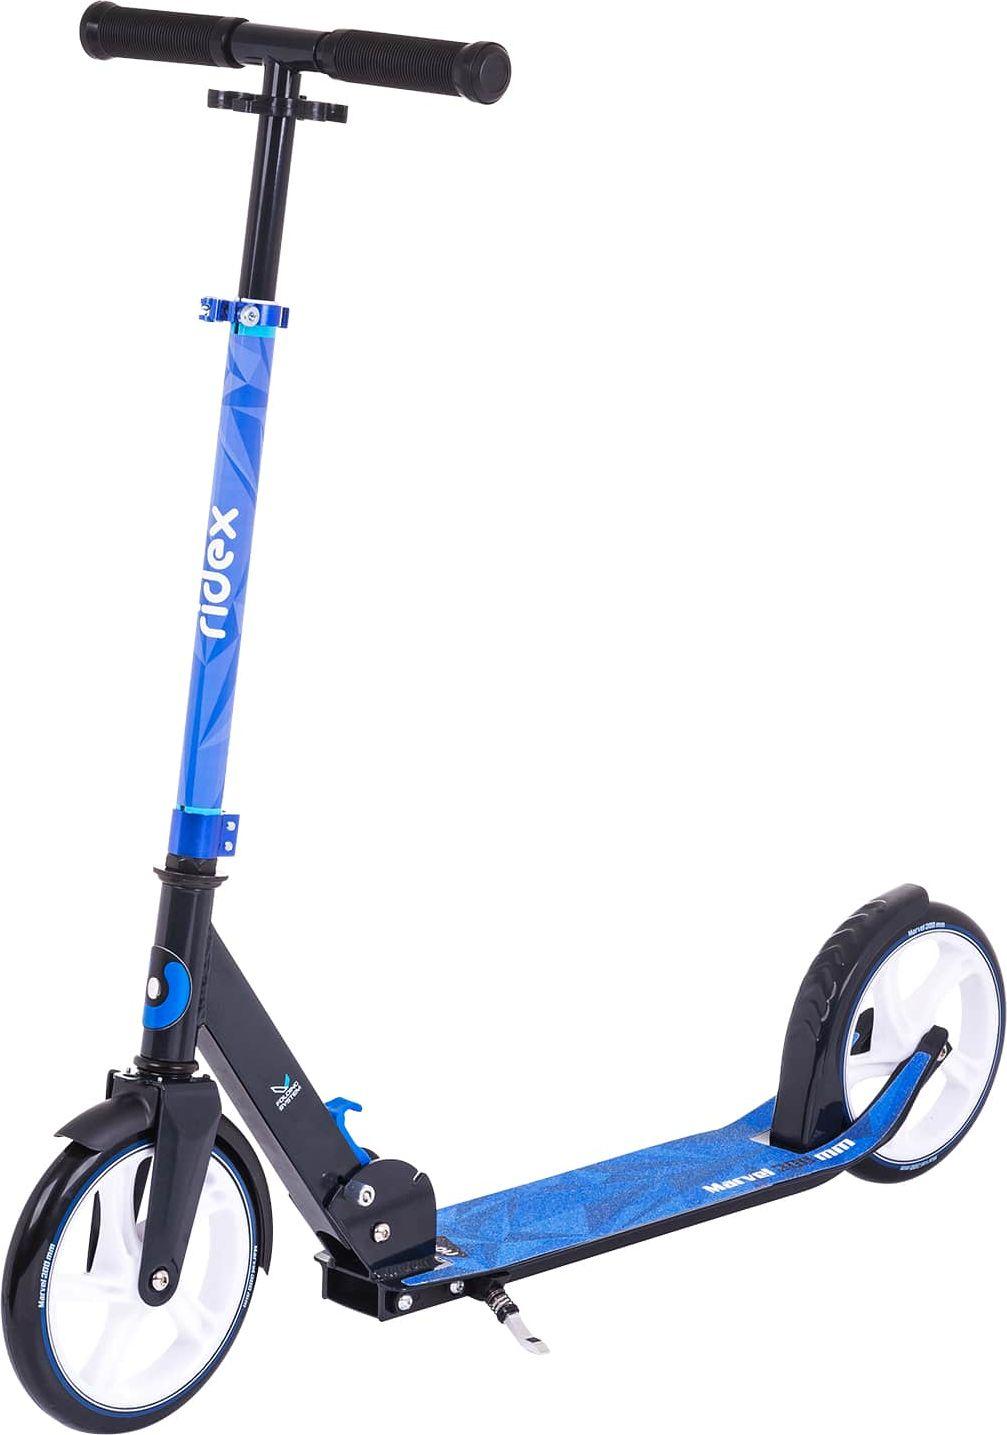 Самокат Ridex Marvel, 2-колесный, цвет: синий, черный, 200 ммУТ-00011568Самокат Marvel с большими 200-миллиметровыми колесами хорошо поглощает неровности дорожного покрытия. Плавность хода повышается. Увеличенный диаметр колеса позволяет развивать большую скорость и удерживать ее, совершая меньше отталкиваний ногой. В этом поможет и низкая дека: расстояние до дорожного покрытия меньше, нога не перенапрягается. Теперь даже значительные расстояния Вы преодолеете без особых усилий и с максимальным комфортом! Дизайн может похвастаться необычным принтом на шкурке деки.Характеристики:Состав конструкции: 100% высокопрочный алюминийРуль, высота (см): 78/84/90Грипсы, материал: резина Дека, длина (см): 52,5Дека, ширина (см): 12Колеса, диаметр (мм): 200Колеса: полиуретан Подшипник: ABEC - 7Система складывания: естьАмортизатор: отсутствуетМаксимальный вес пользователя, кг: 100Вес без коробки, кг: 3,85